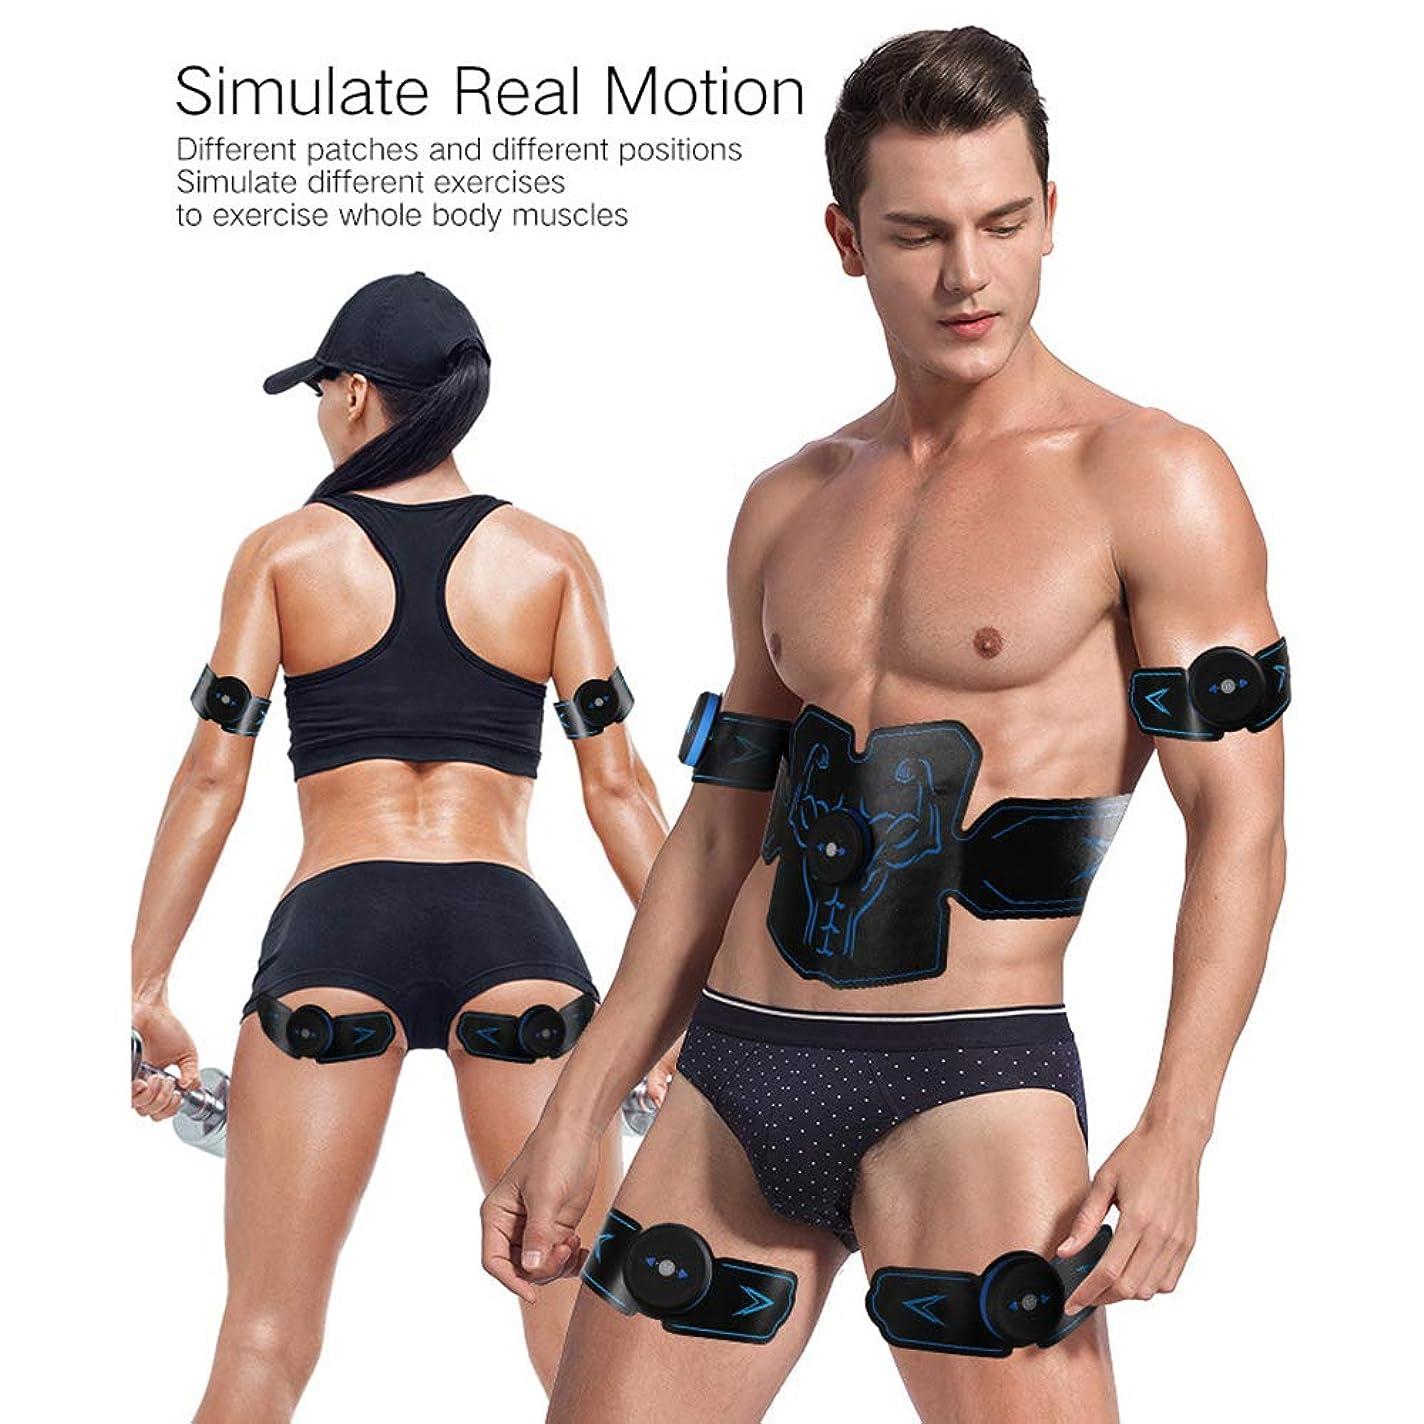 とげ口頭世界フィットネスベルト腹筋ペーストEMS筋肉刺激装置ABS安全筋肉トレーナー体重減少マッサージ機器スポーツフィットネス機器ユニセックス